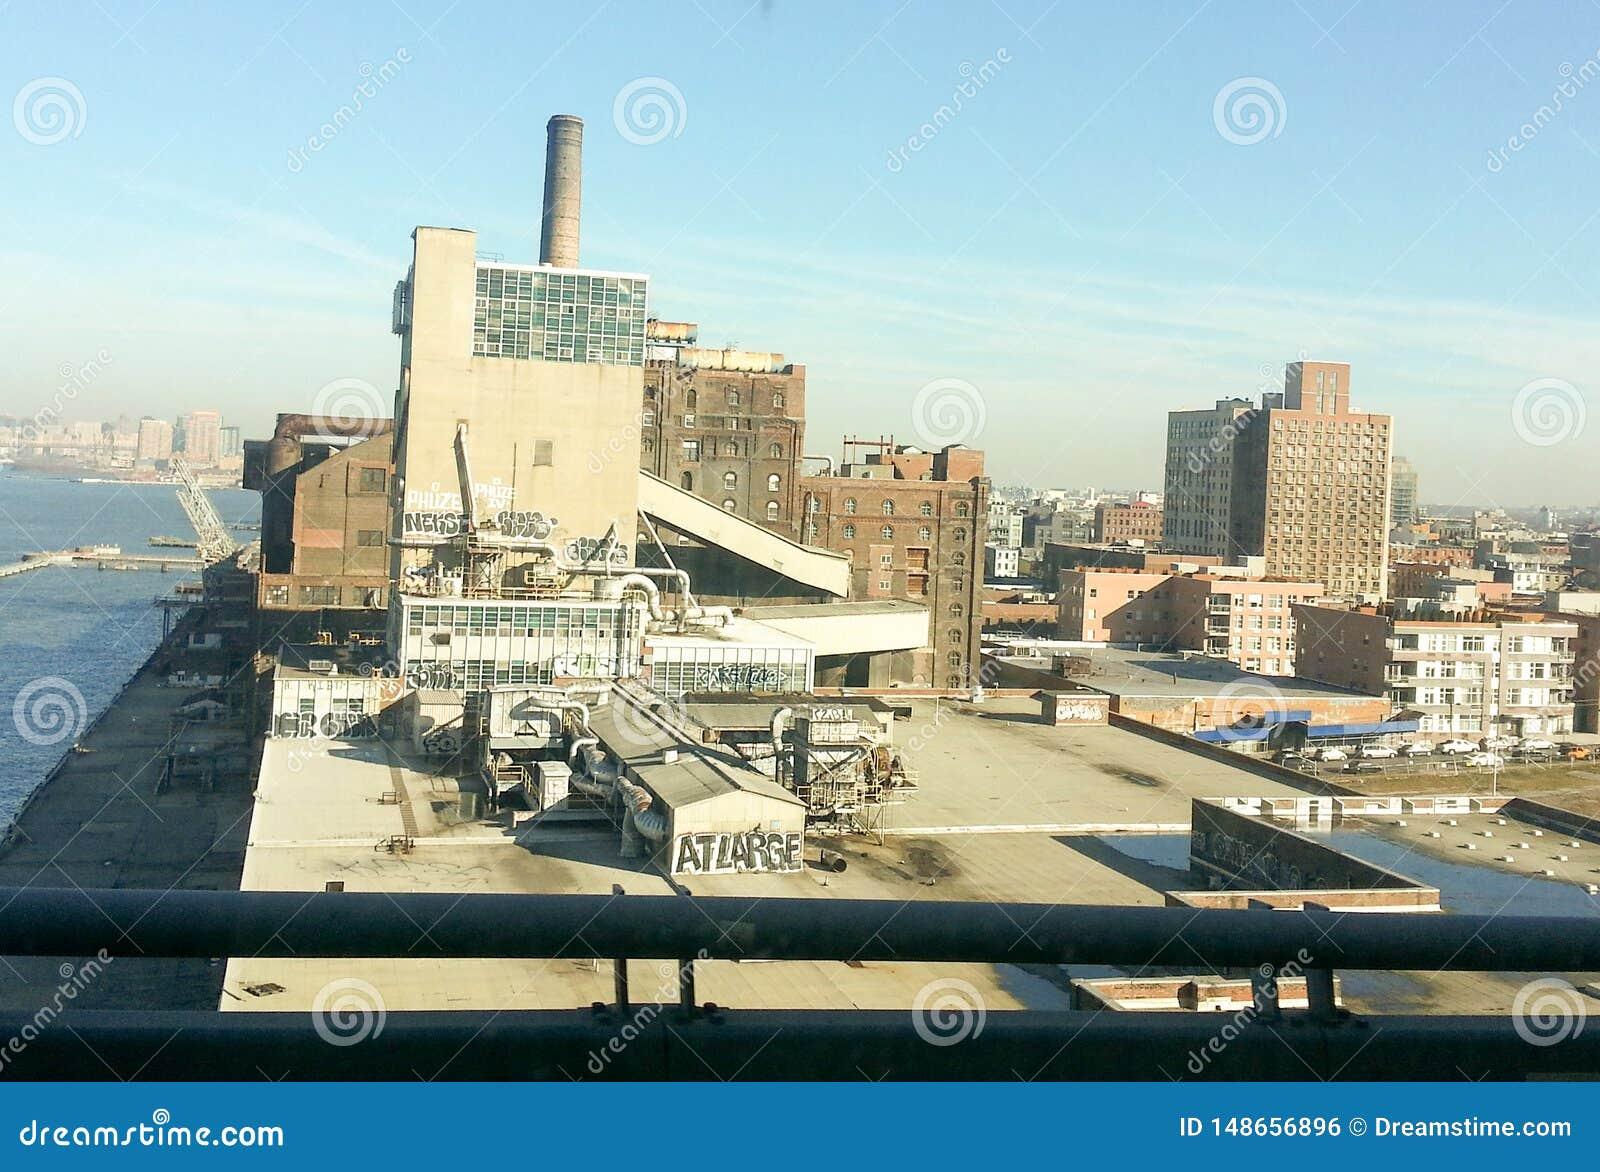 L entrepôt ou le chantier naval urbain, ressemble à un film de super héros